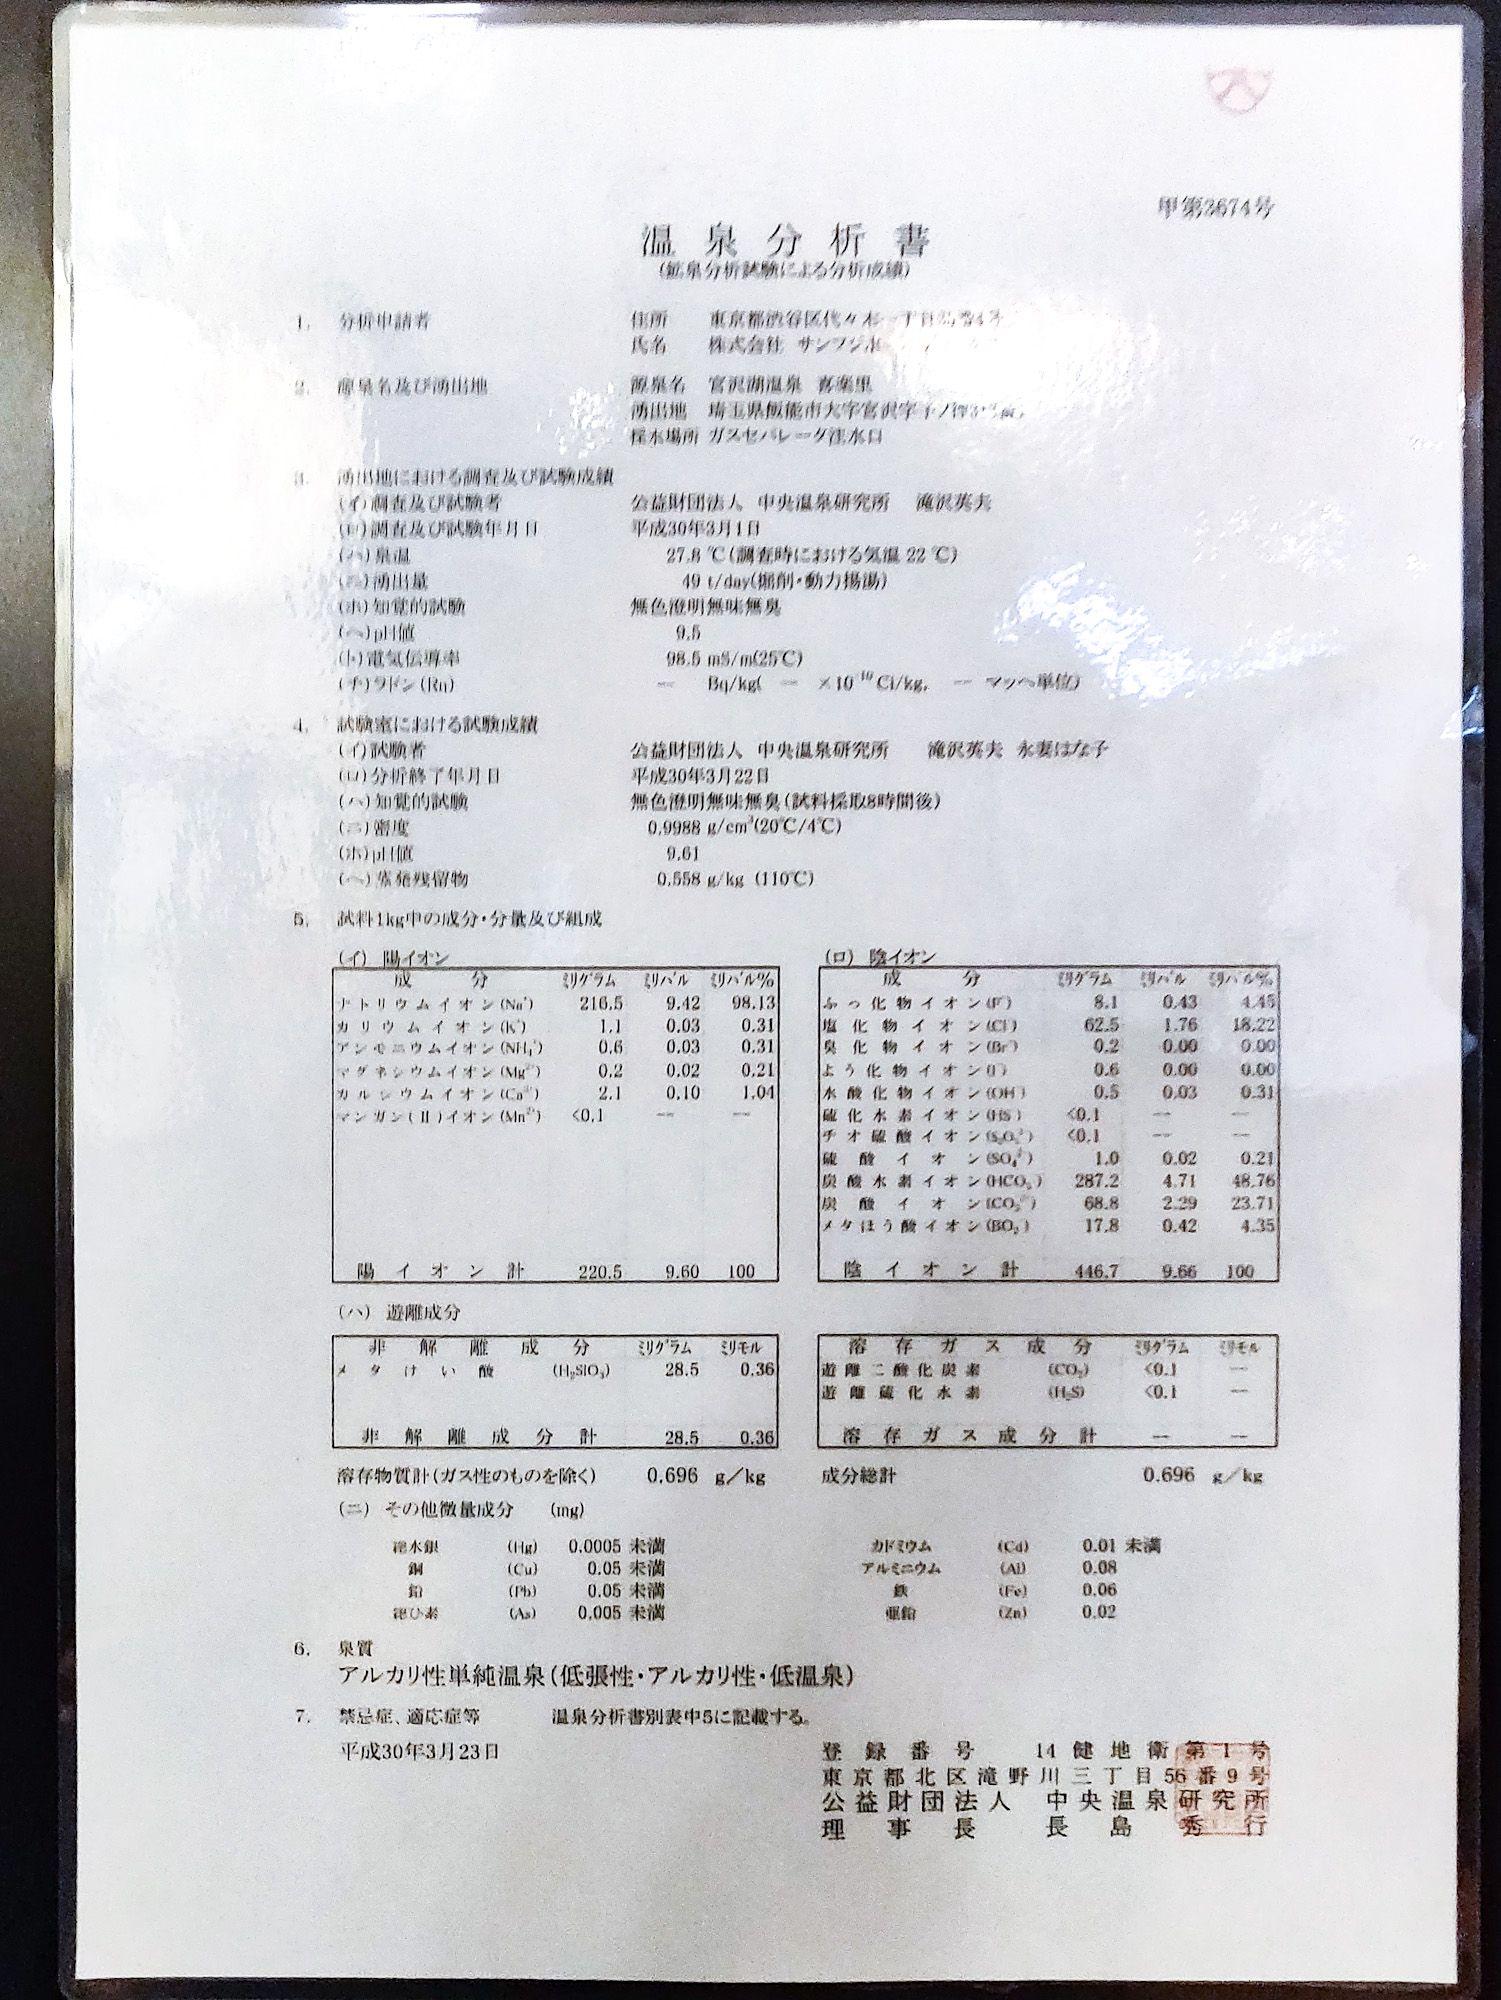 喜楽里別邸 宮沢湖 温泉分析書